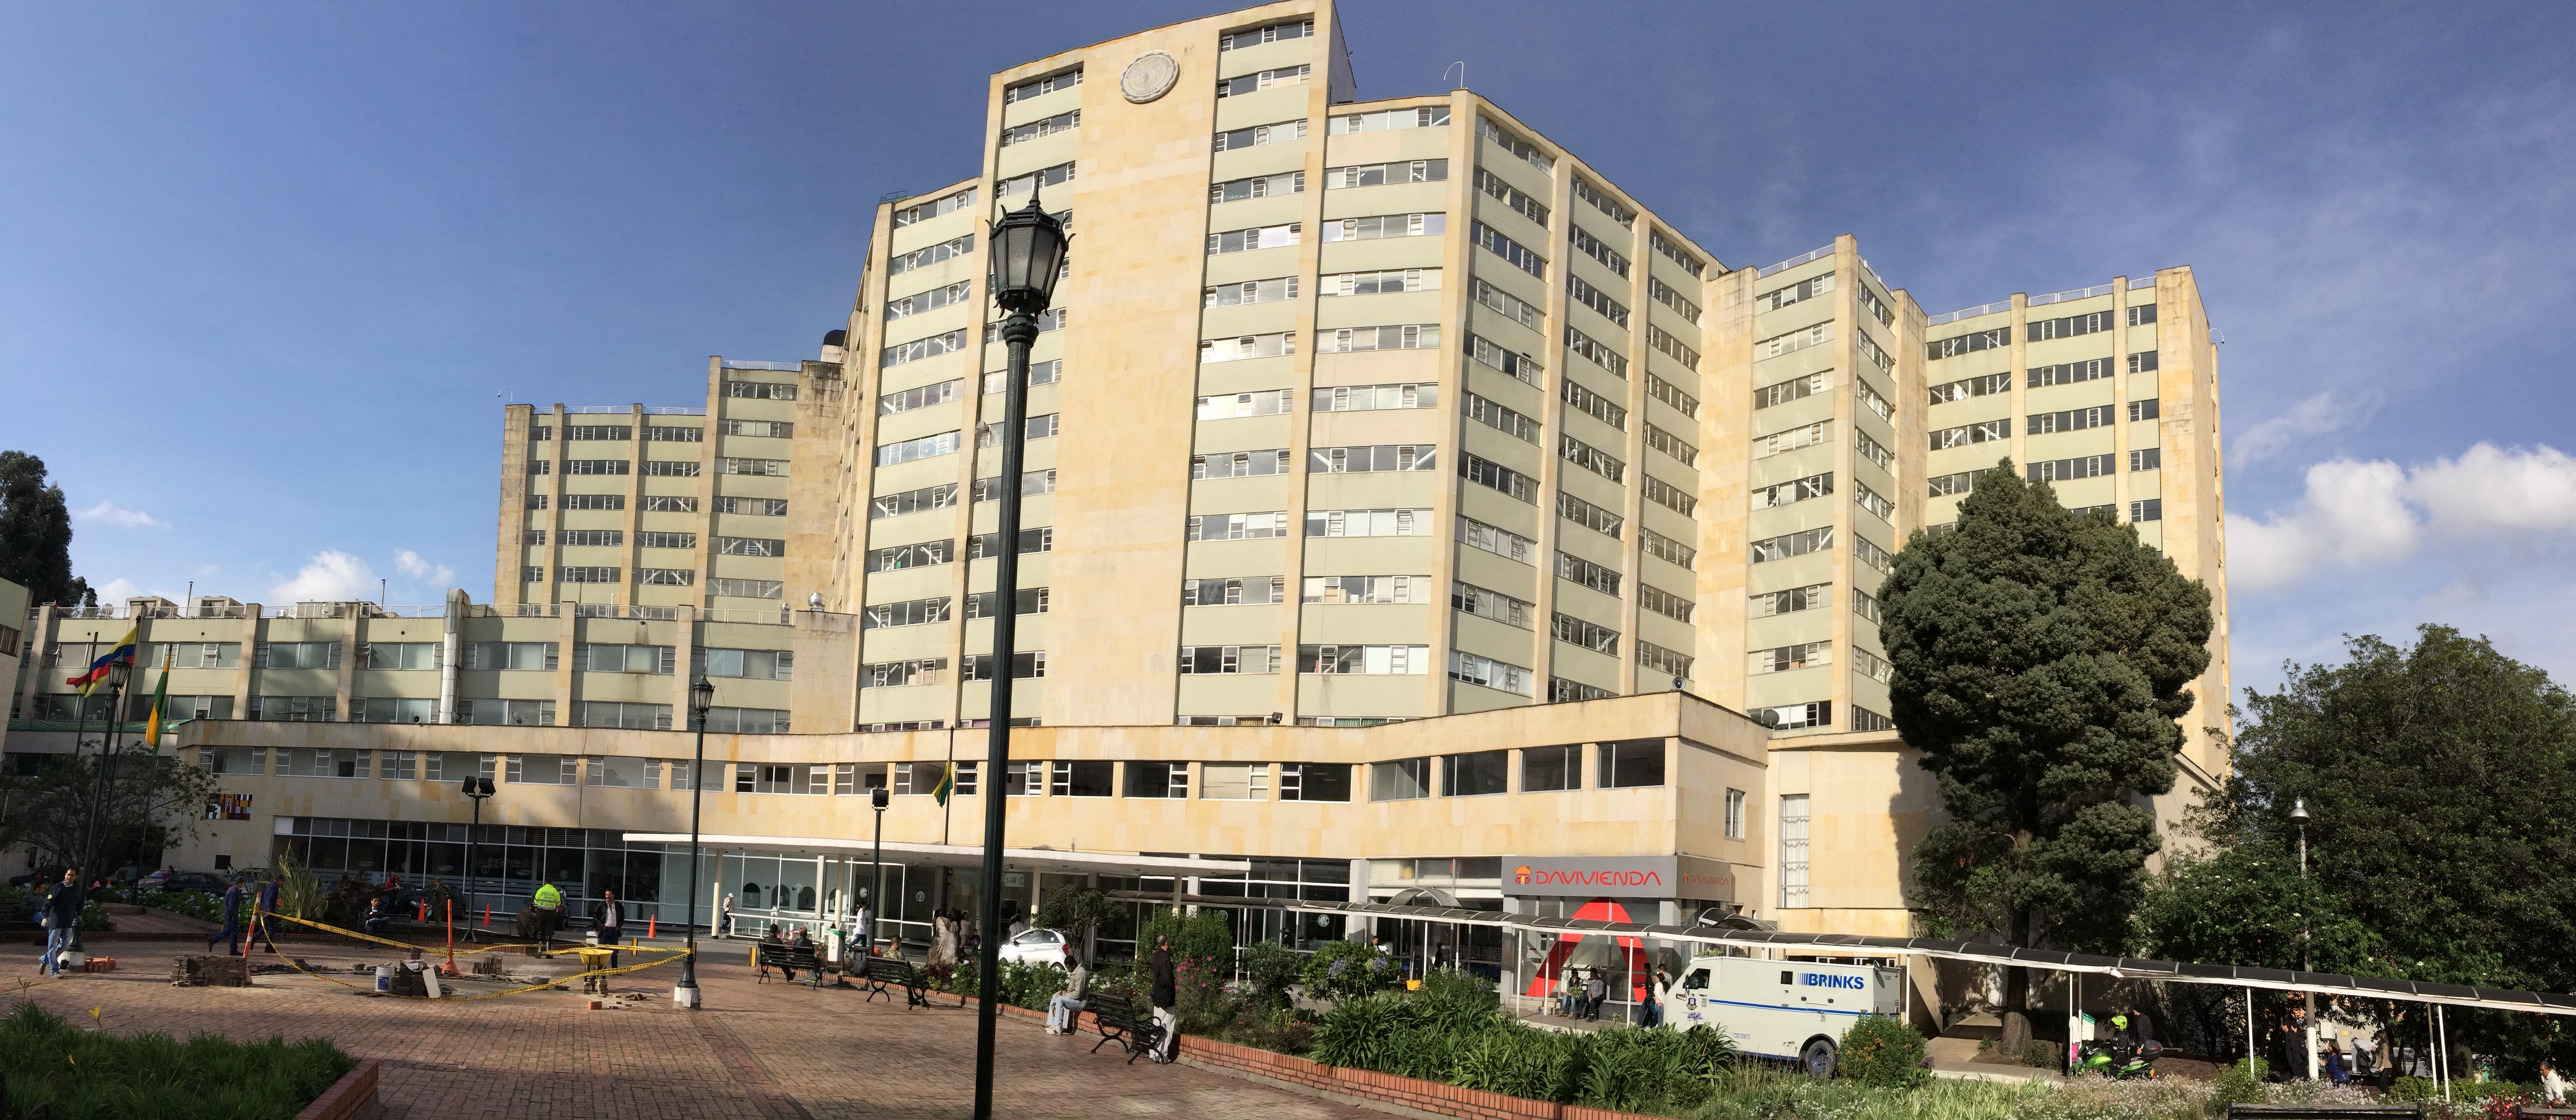 Noticias y  Generalidades - Página 22 Hospital_Militar%2C_Bogot%C3%A1%2C_Colombia_-_panoramio